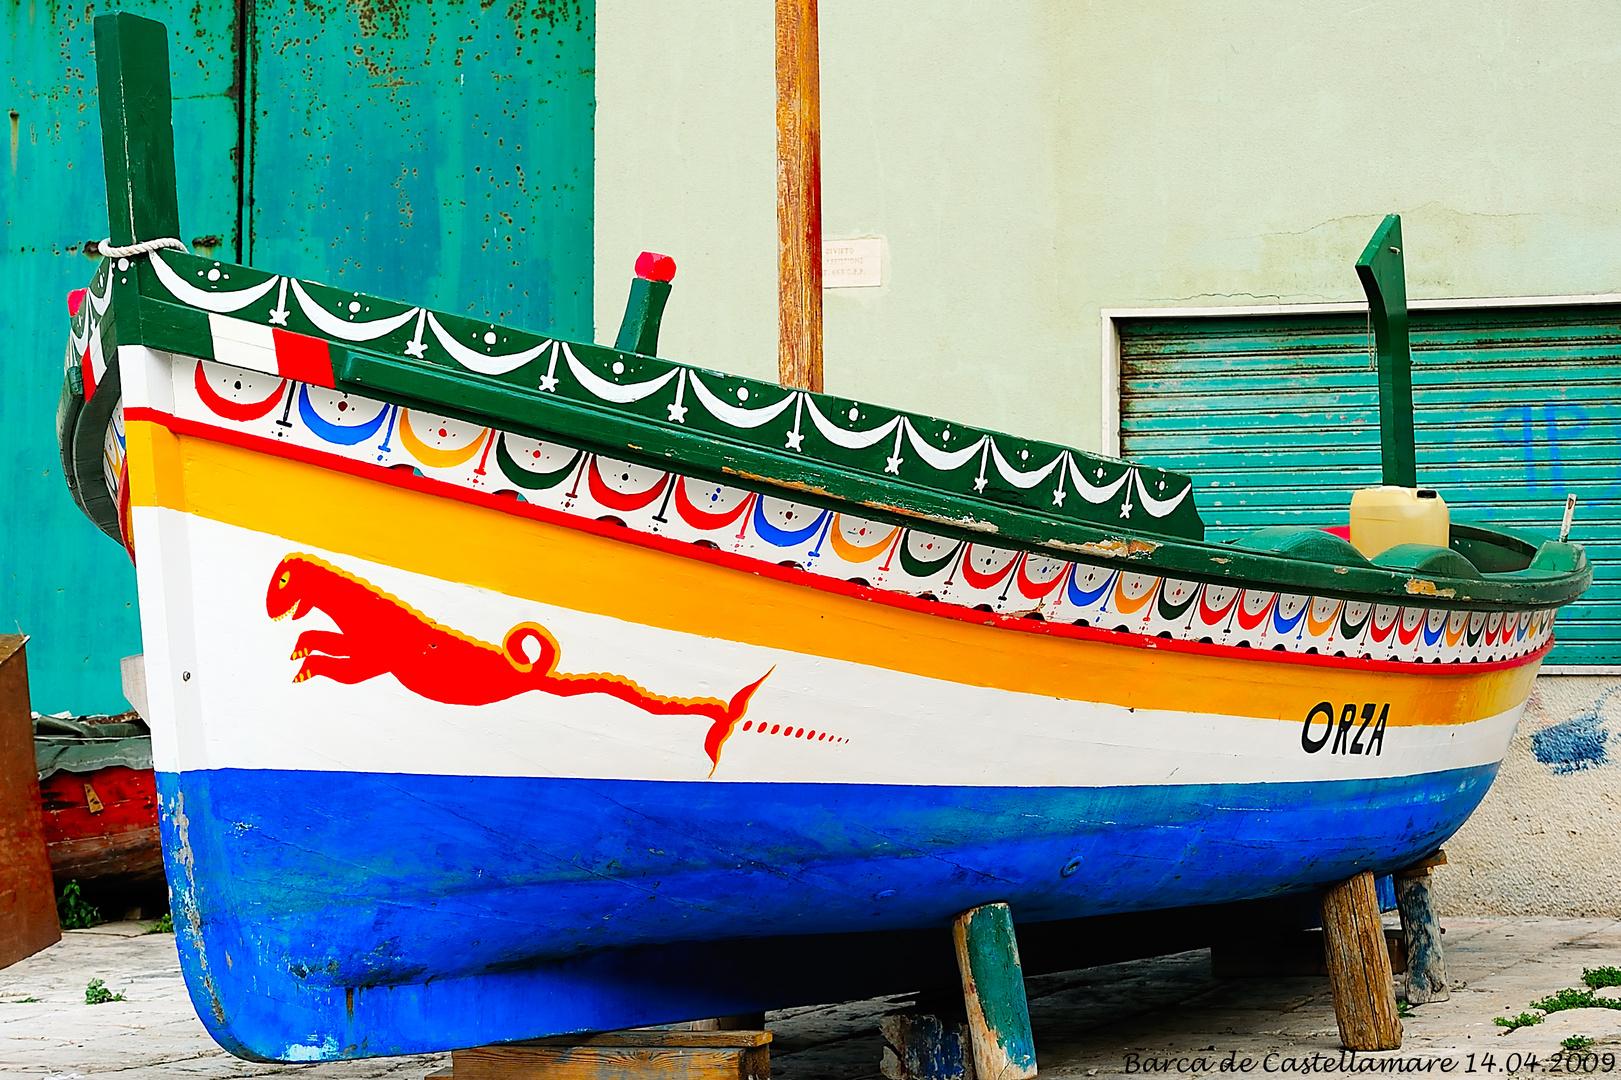 Barca de Castellamare (14.04.2009)